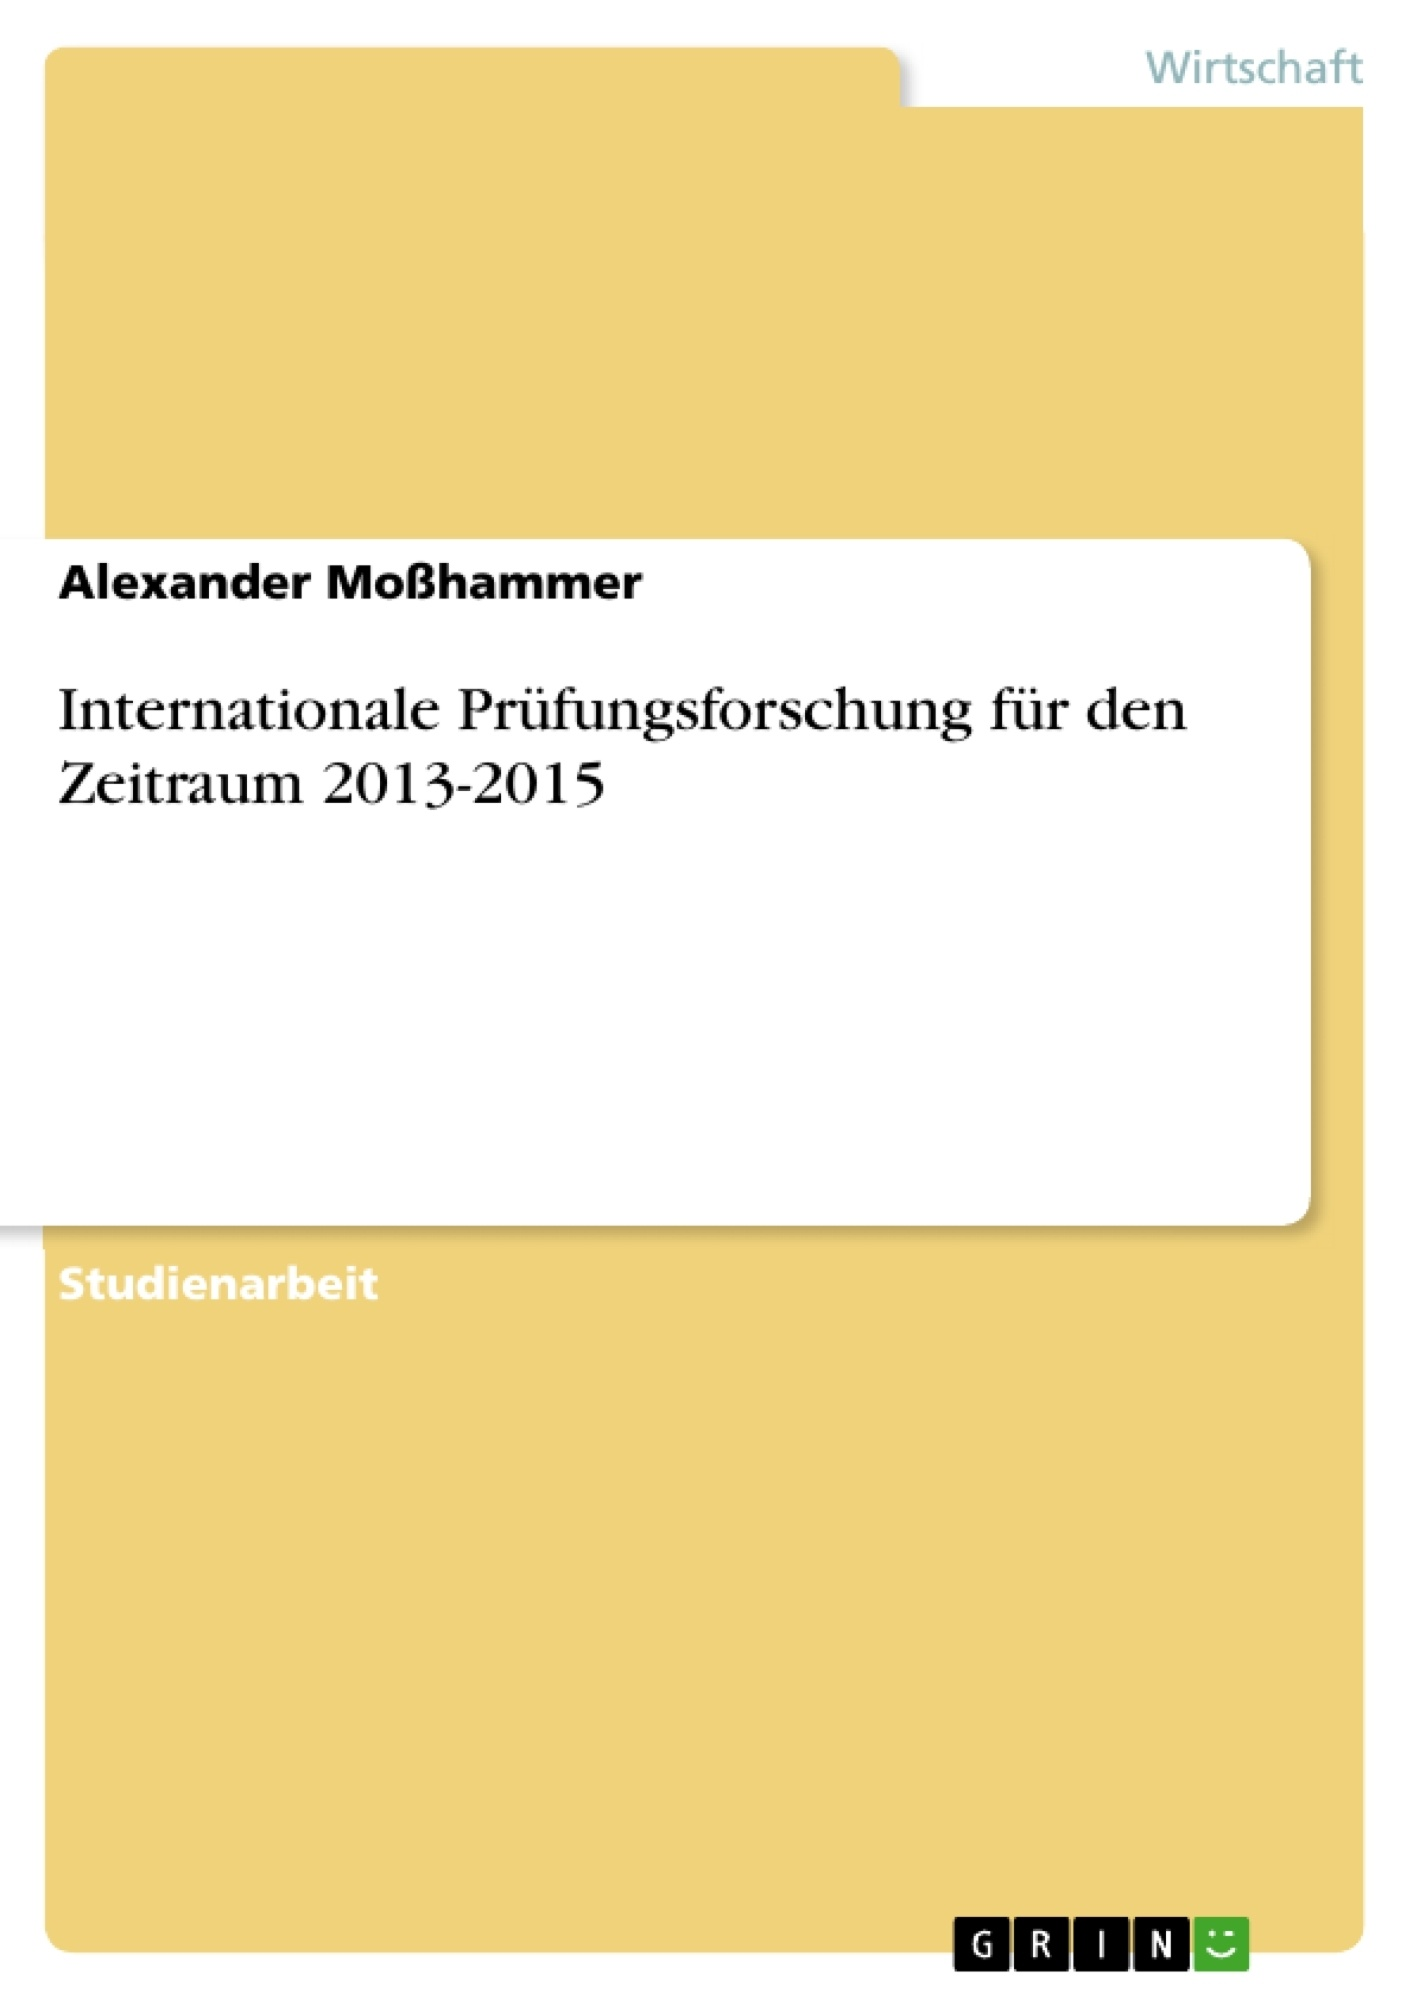 Titel: Internationale Prüfungsforschung für den Zeitraum 2013-2015